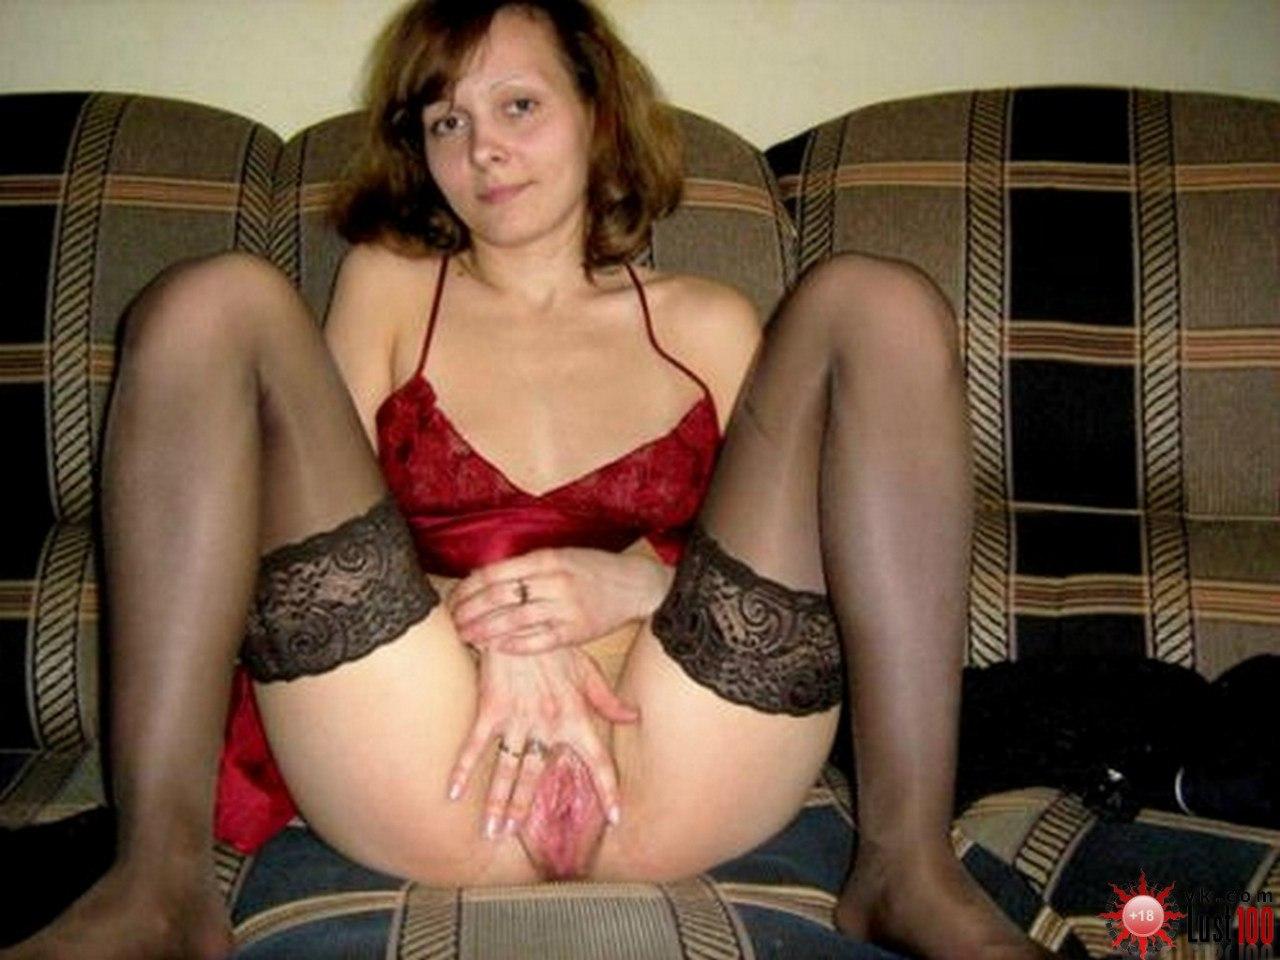 porno-foto-erotika-zrelih-zhenshin-domashnee